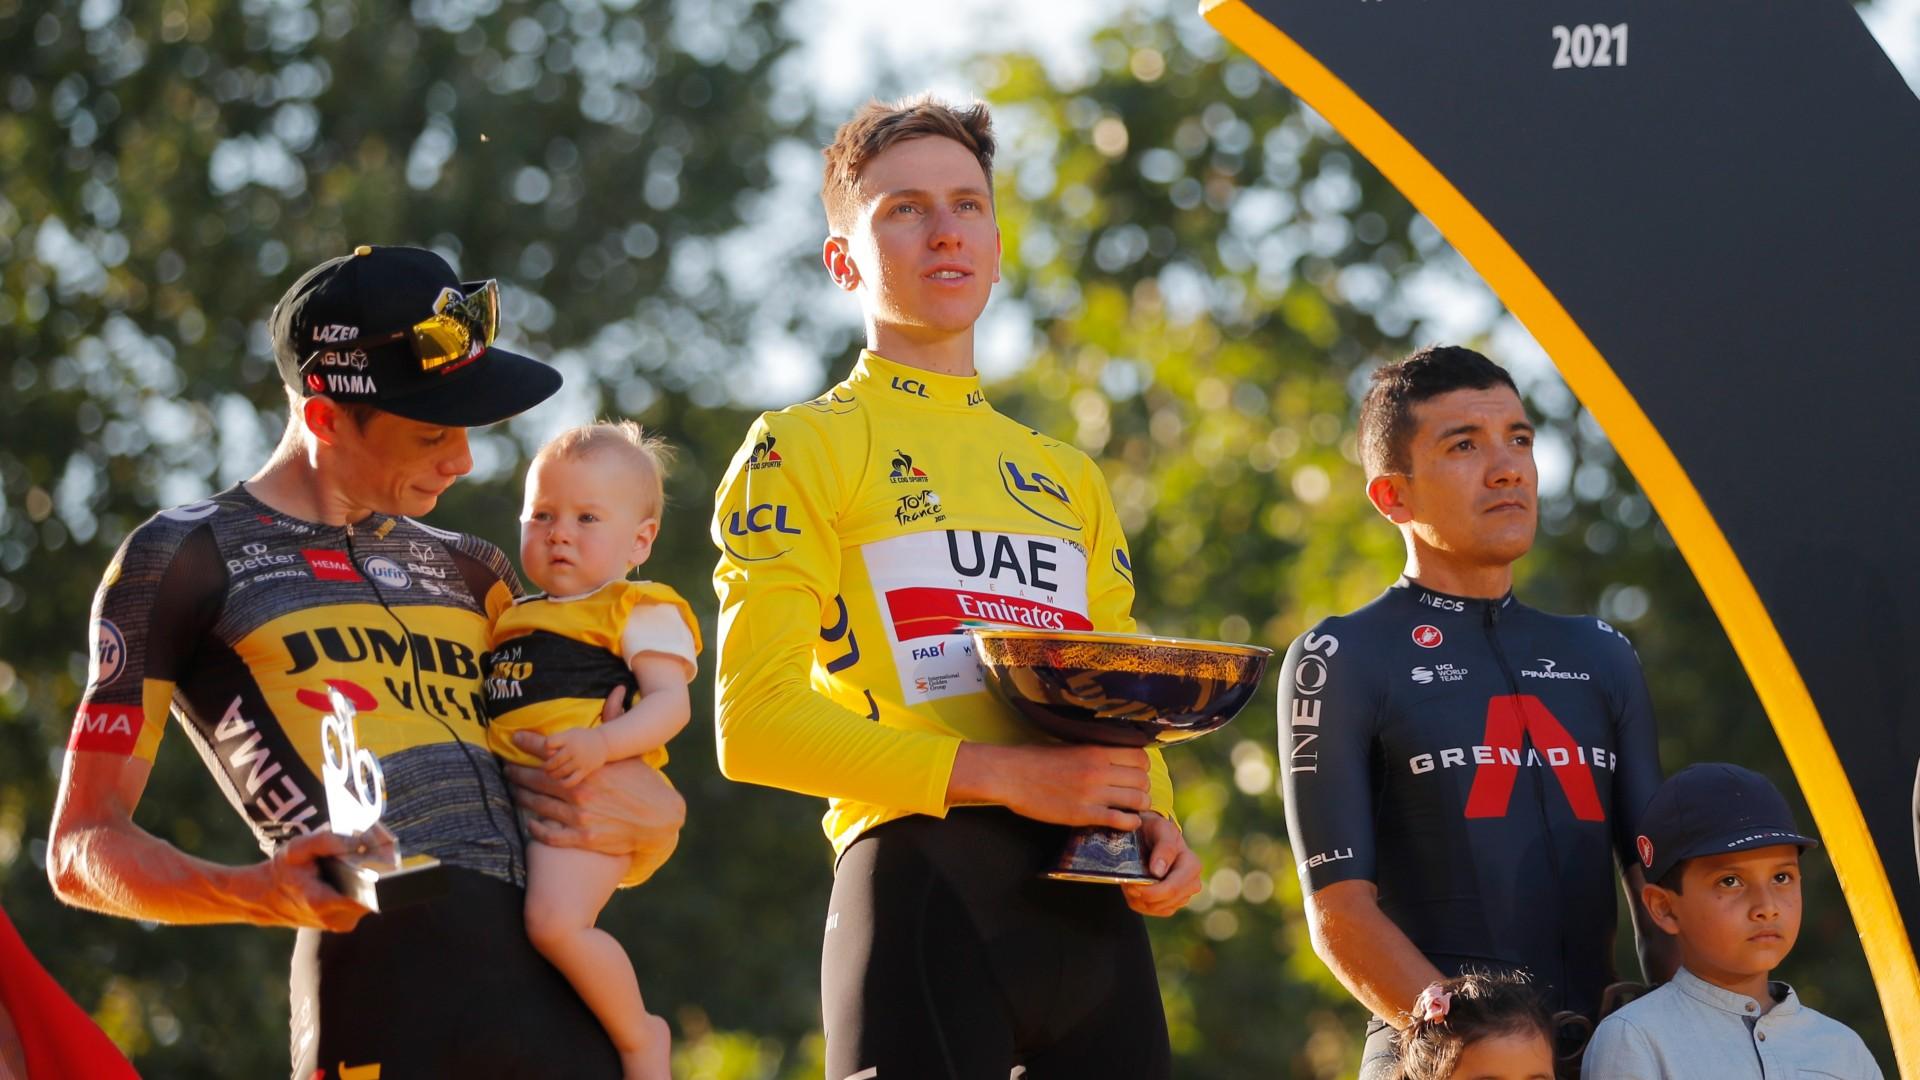 Tour 2021 | Pogacar, Vingegaard y Carapaz suben al podio del Tour de Francia 2021